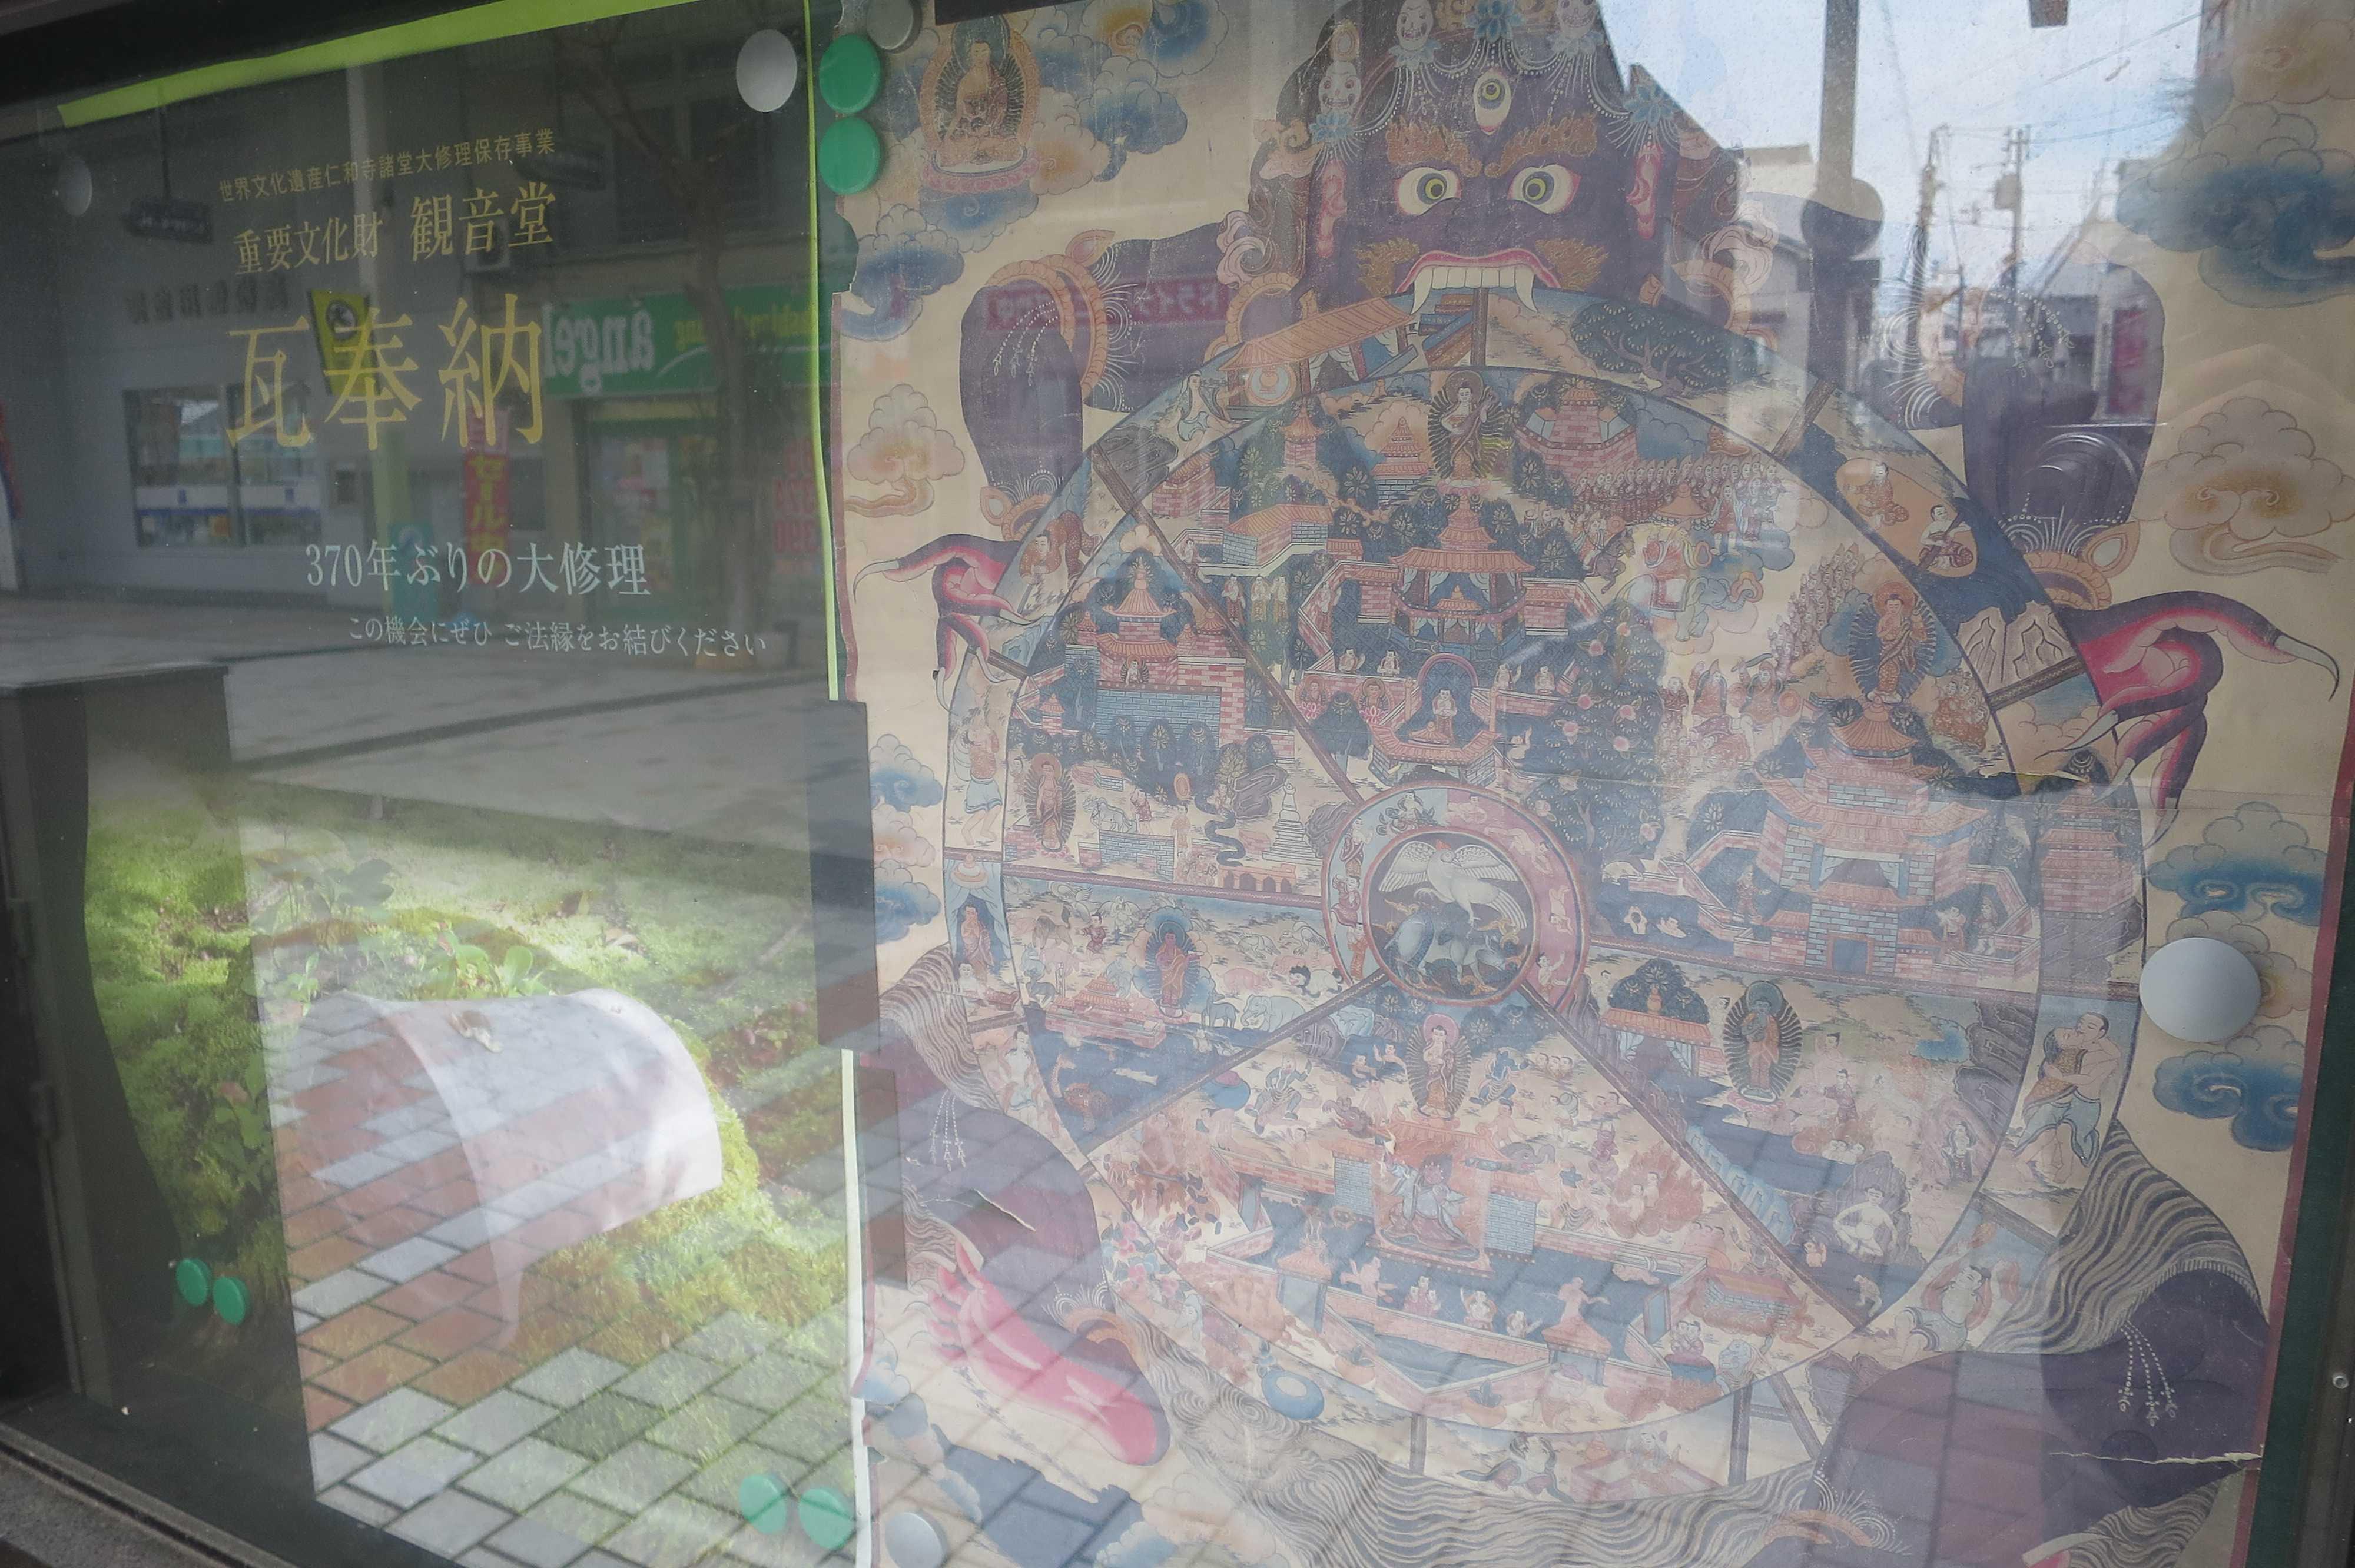 曼荼羅のポスター